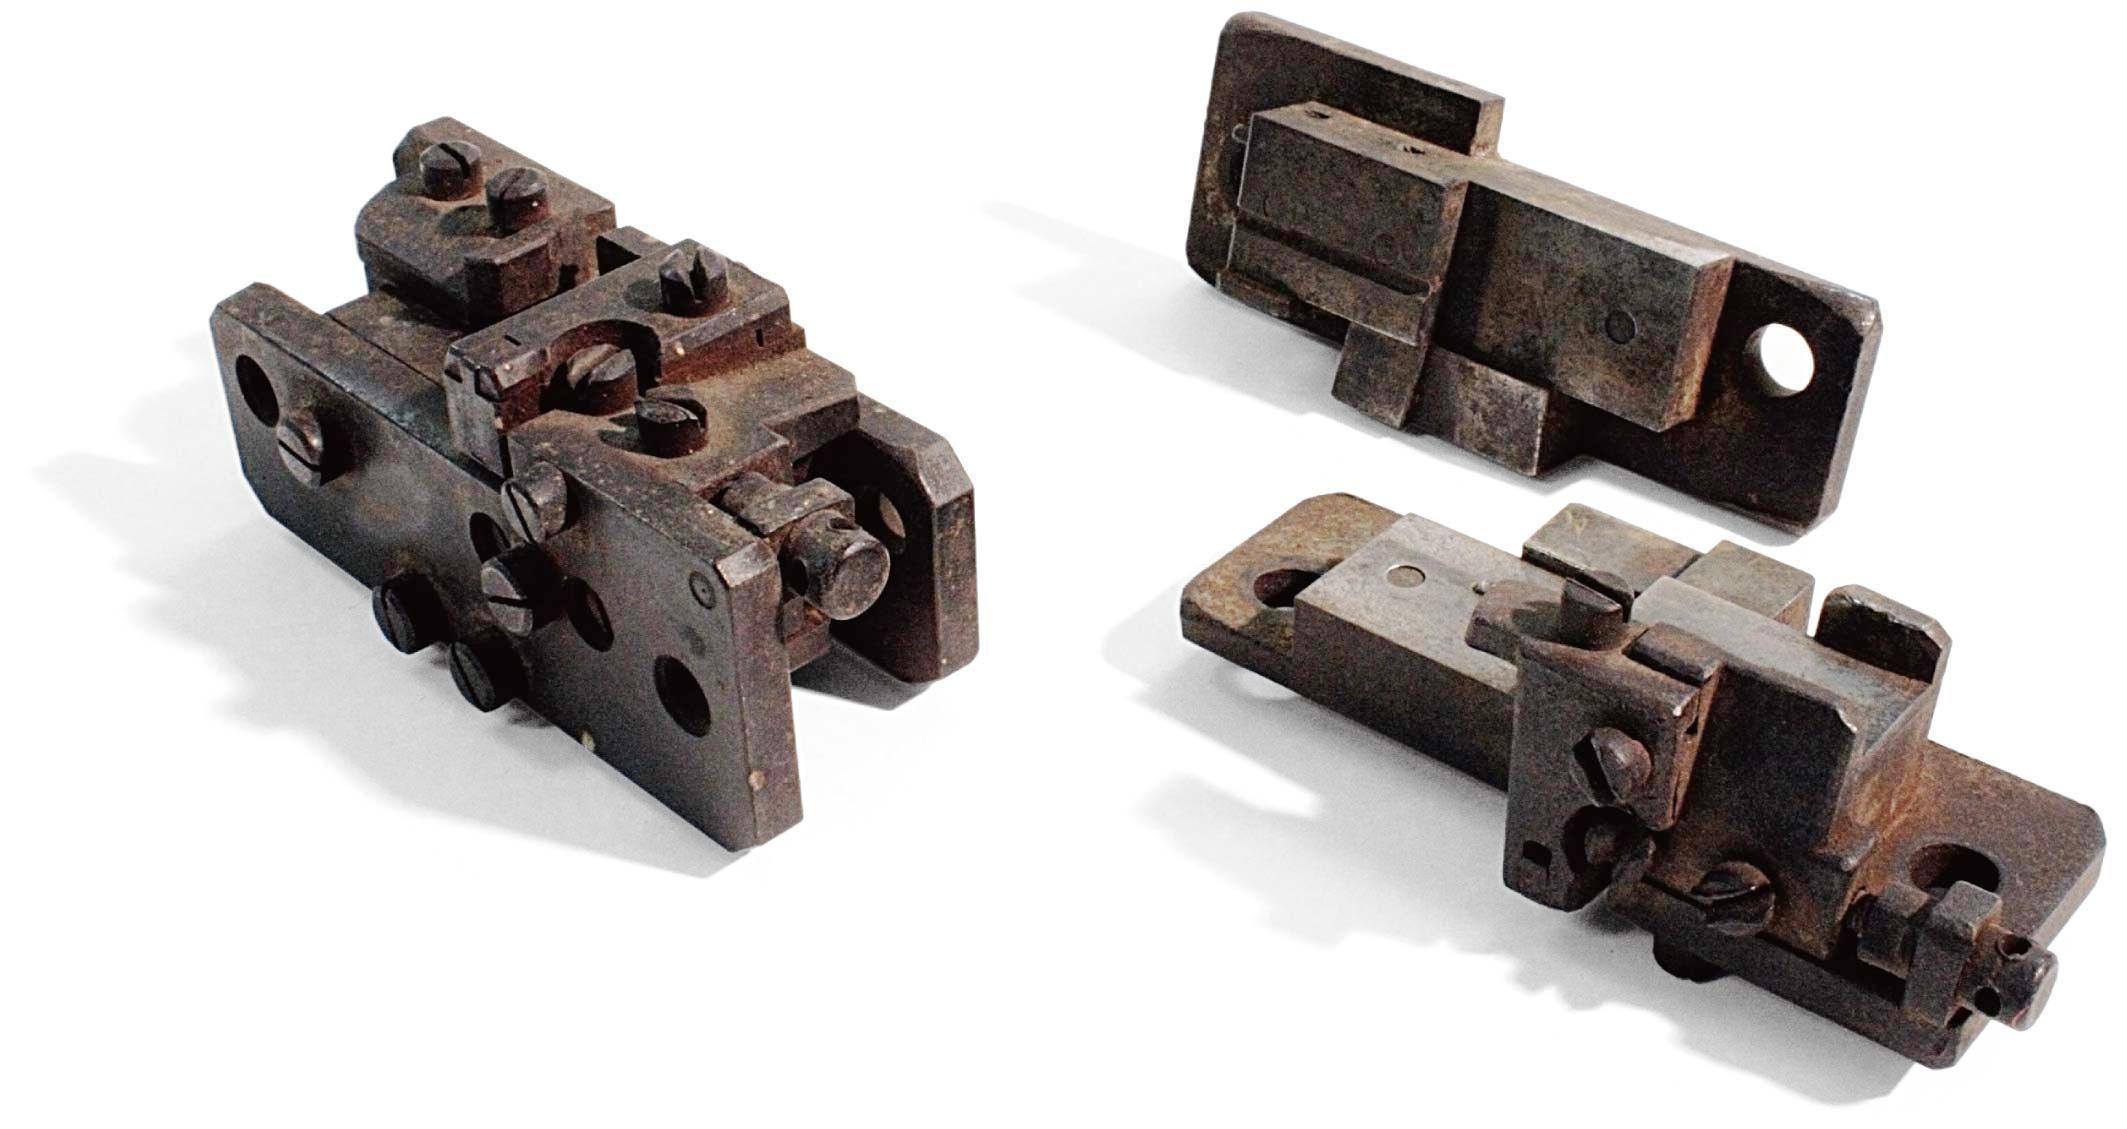 ブルース活字鋳造機の心臓部 鋳型